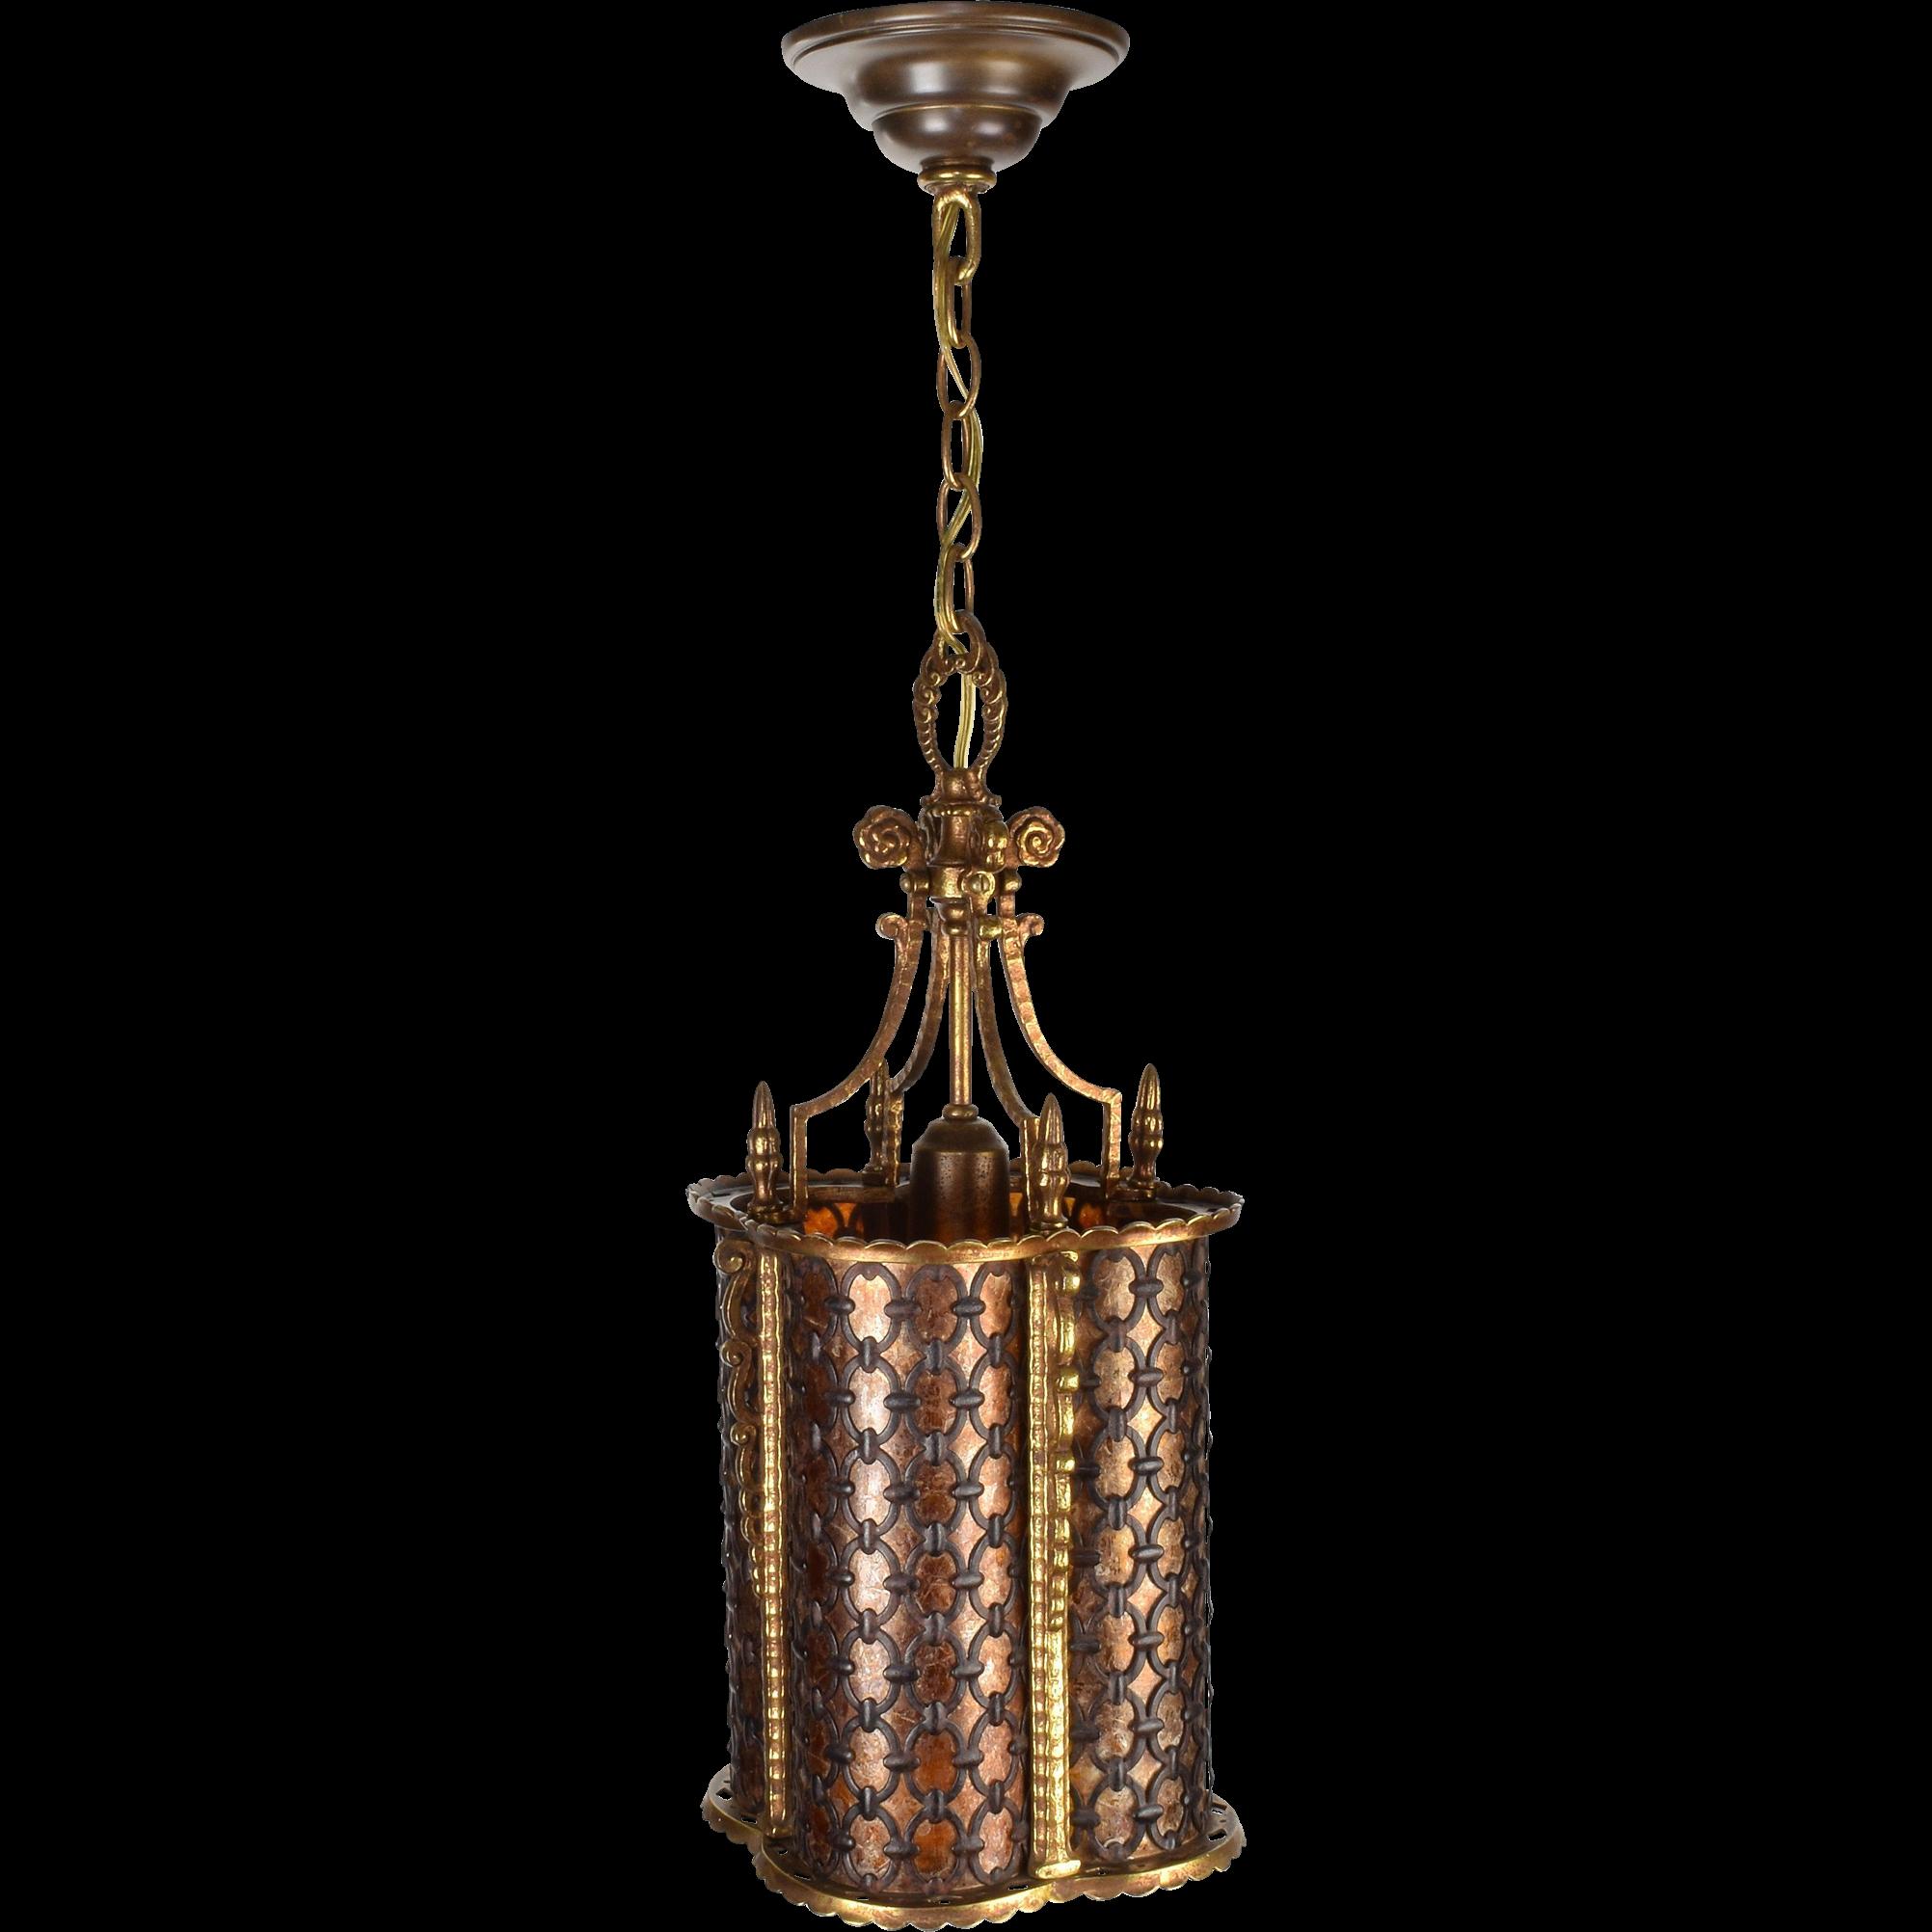 Vintage brass pendant quatrefoil light fixture with bent mica vintage brass pendant quatrefoil light fixture with bent mica arubaitofo Choice Image